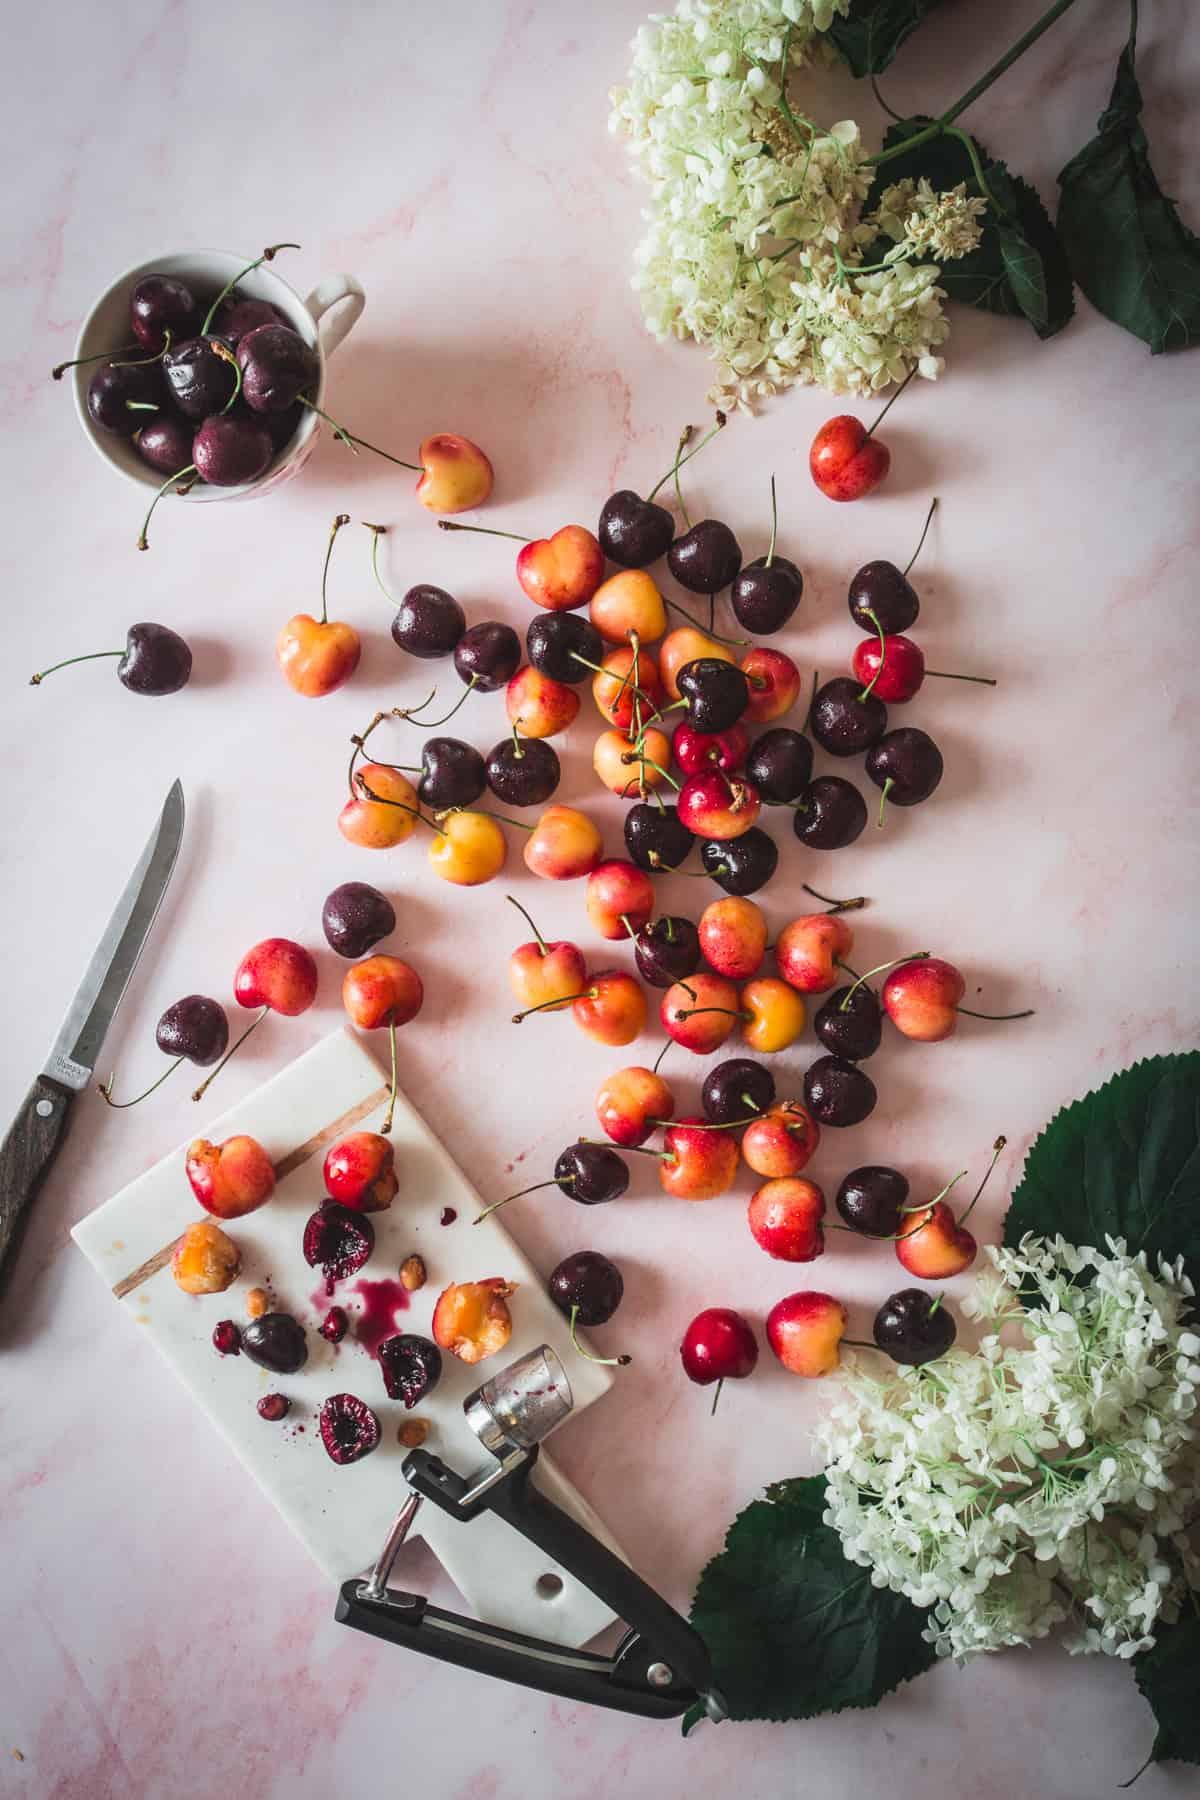 cherries with cherry pitter